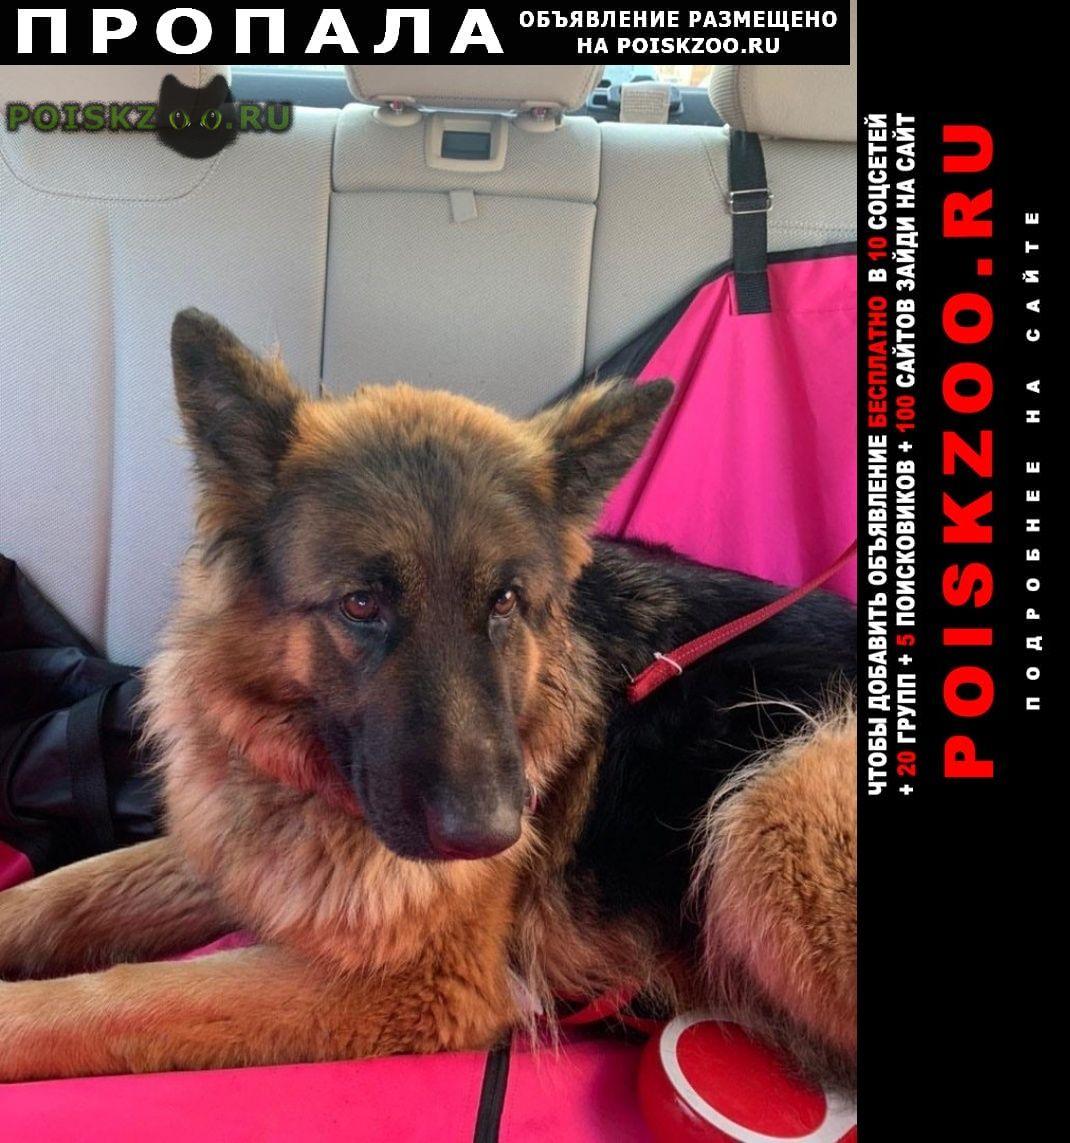 Пропала собака мкр Дзержинский